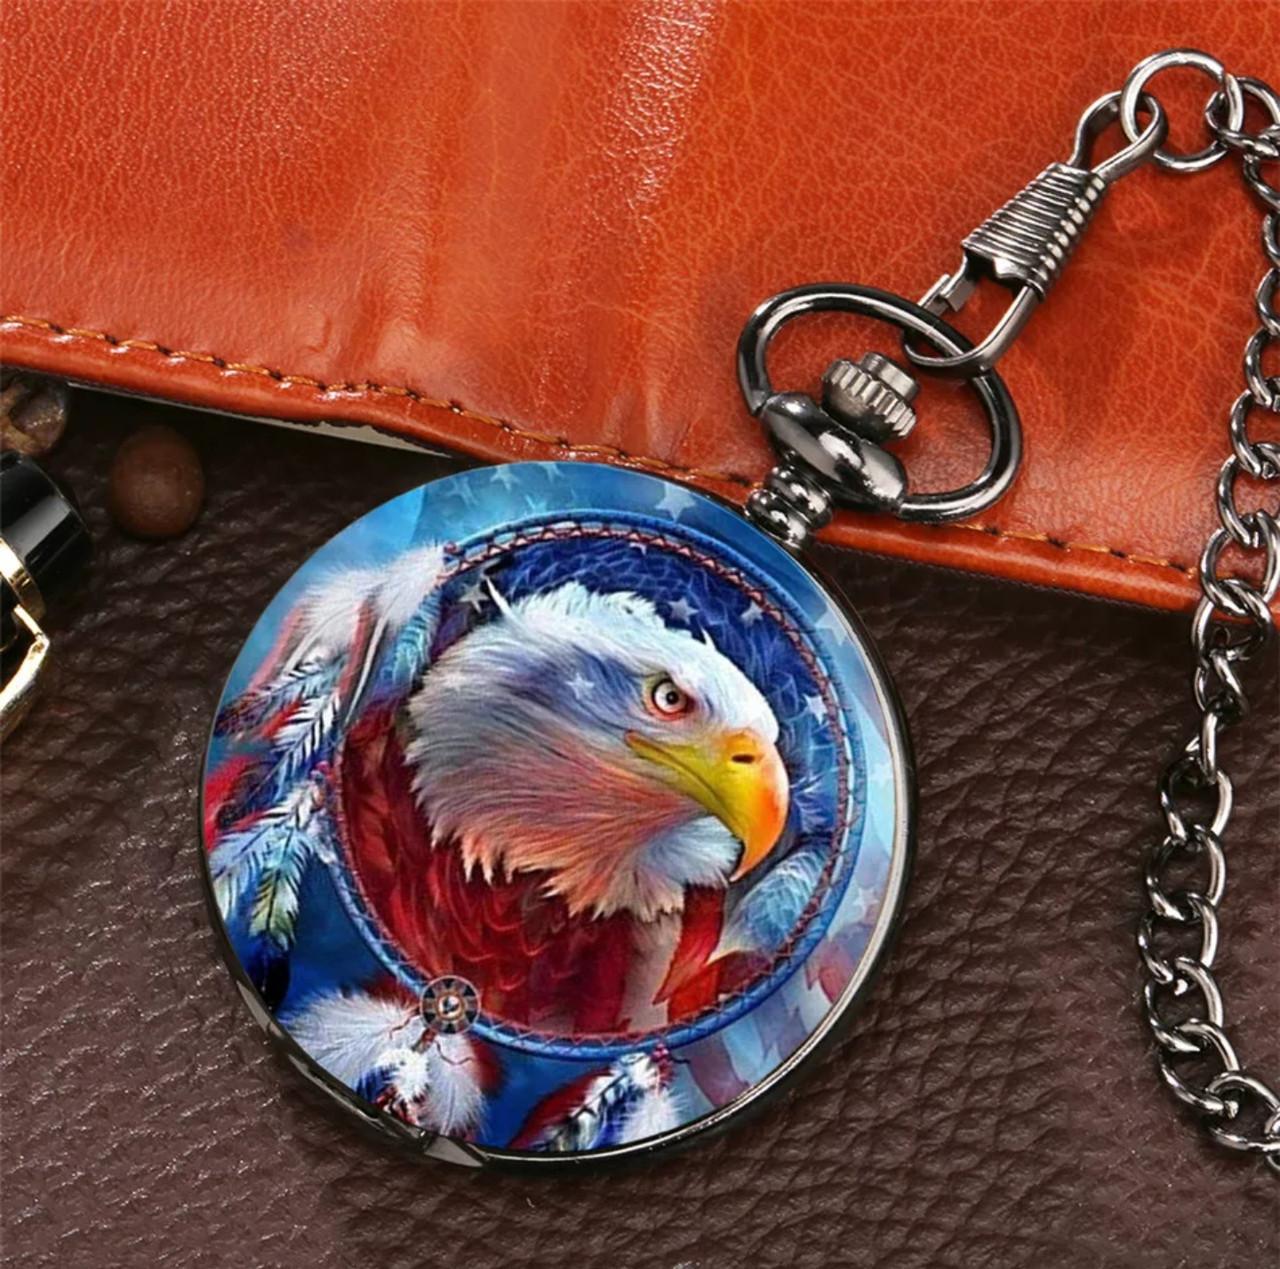 Чоловічі годинники кишенькові на ланцюжку орел